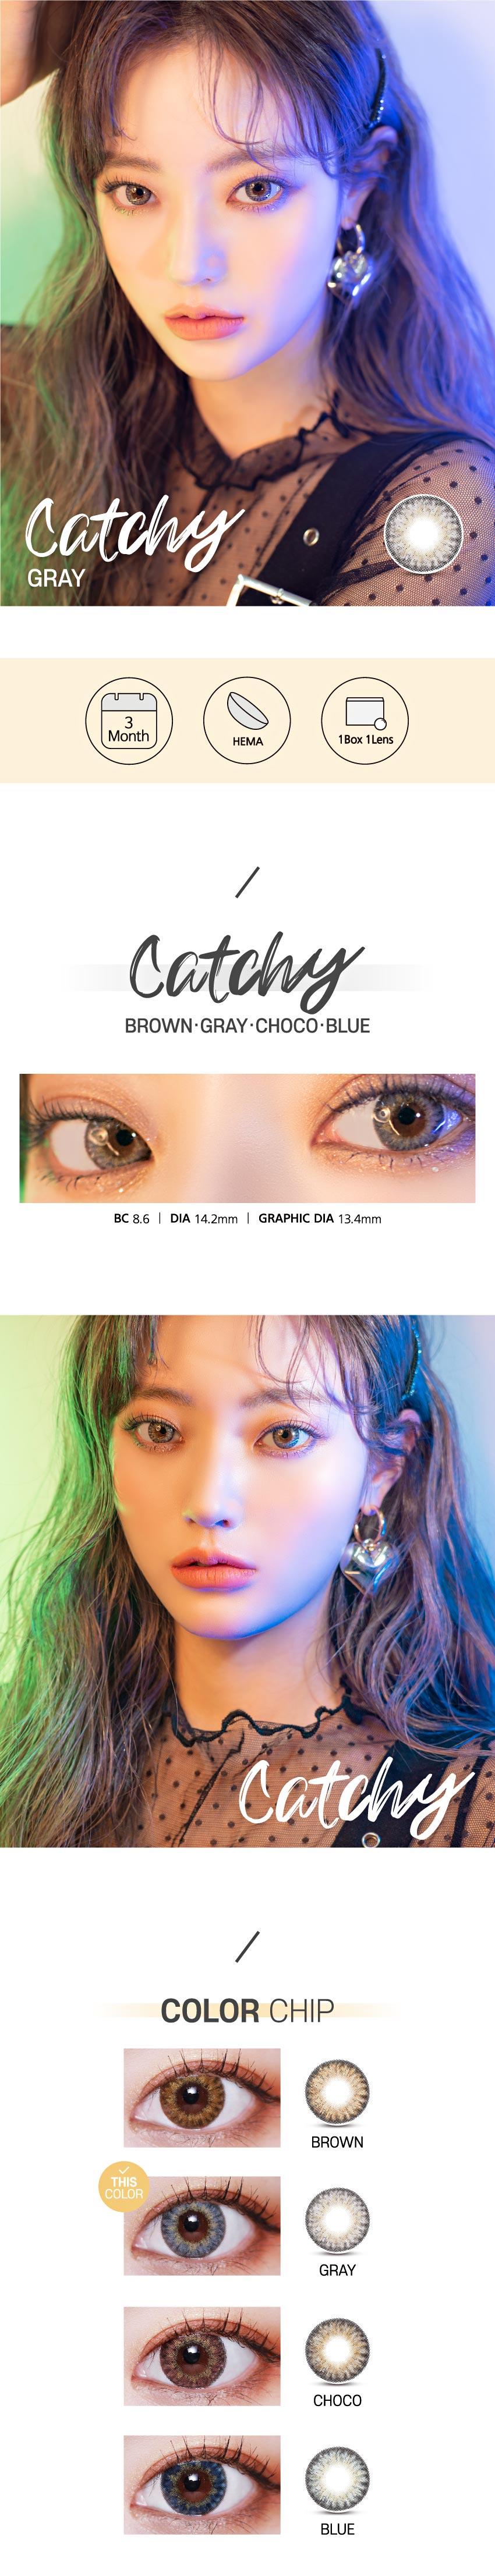 catchy-gray-korean-lenses11.jpg